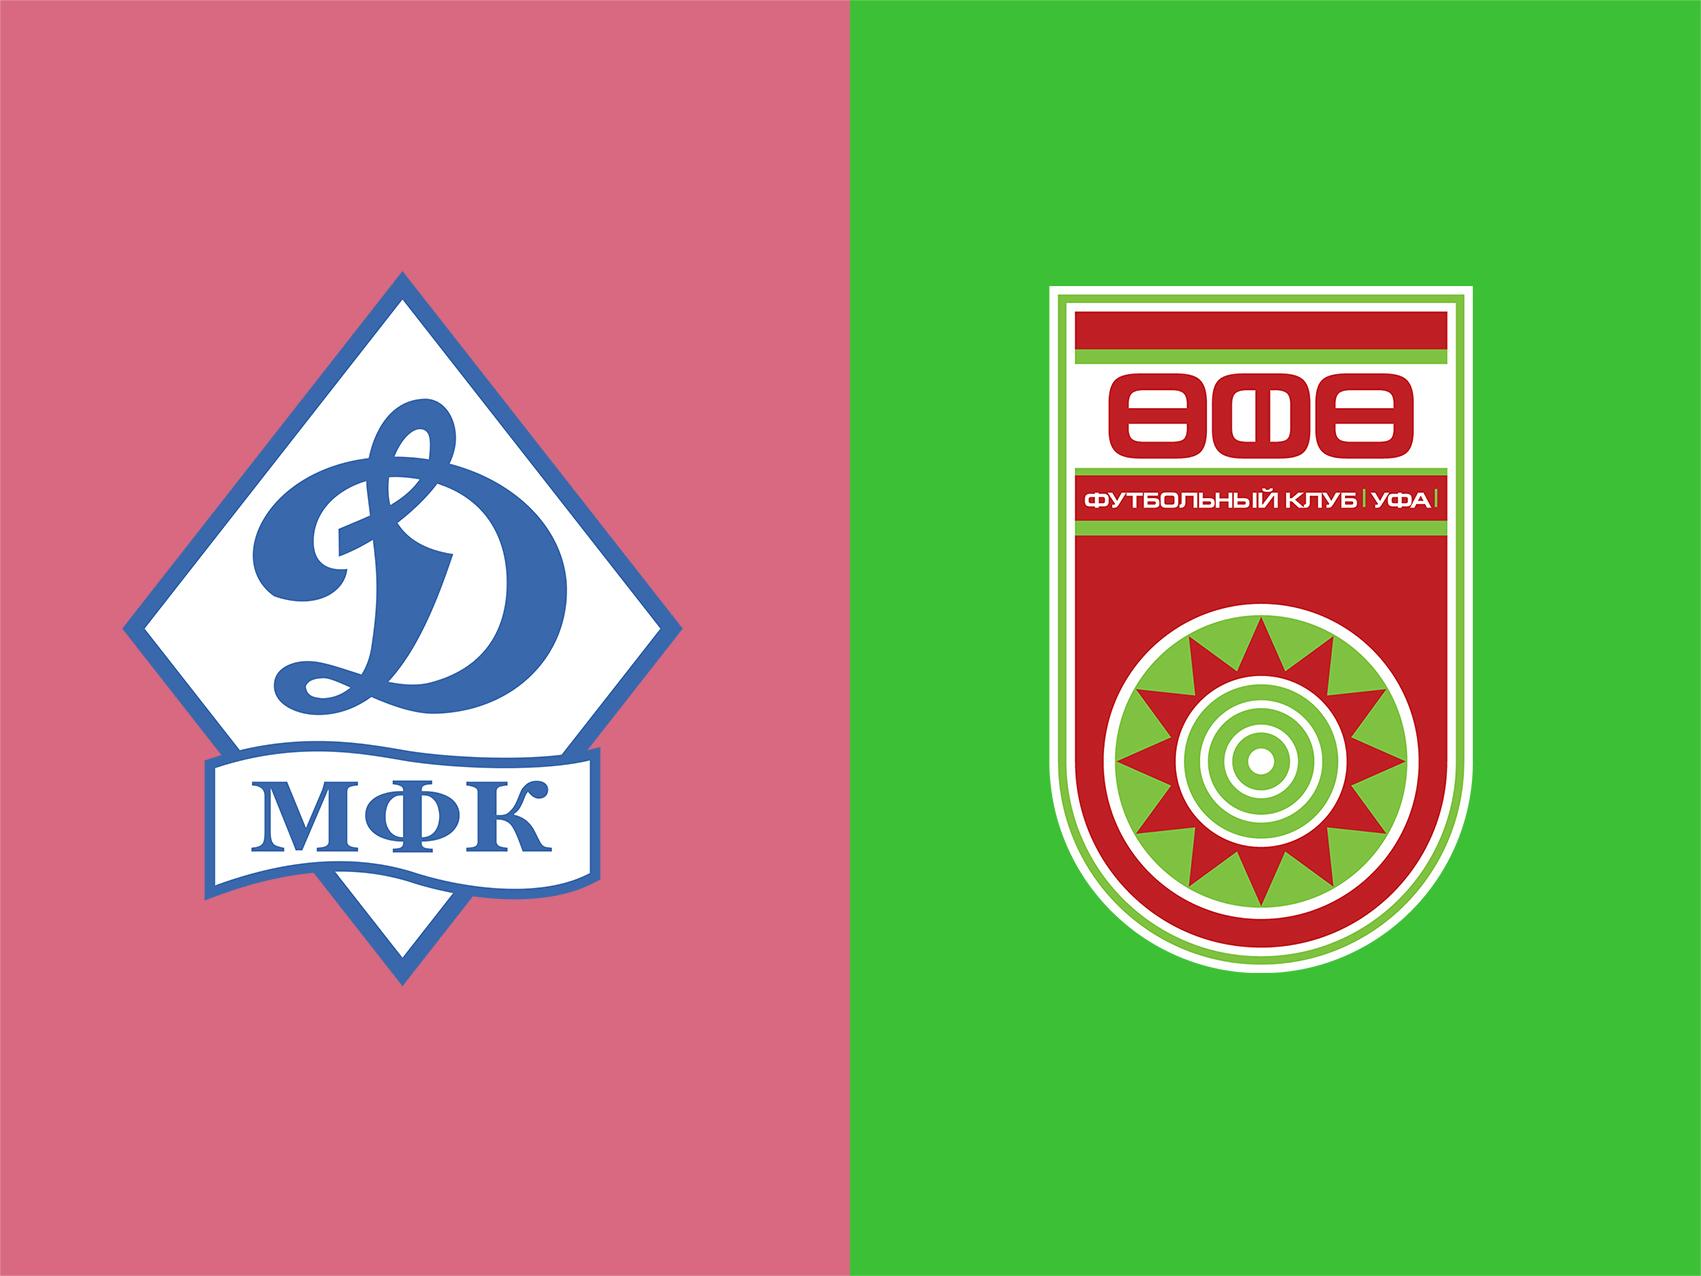 soi-keo-ca-cuoc-bong-da-ngay-14-9-Dinamo Moscow-vs-FC Ufa-do-it-thang-do-nhieu-b9